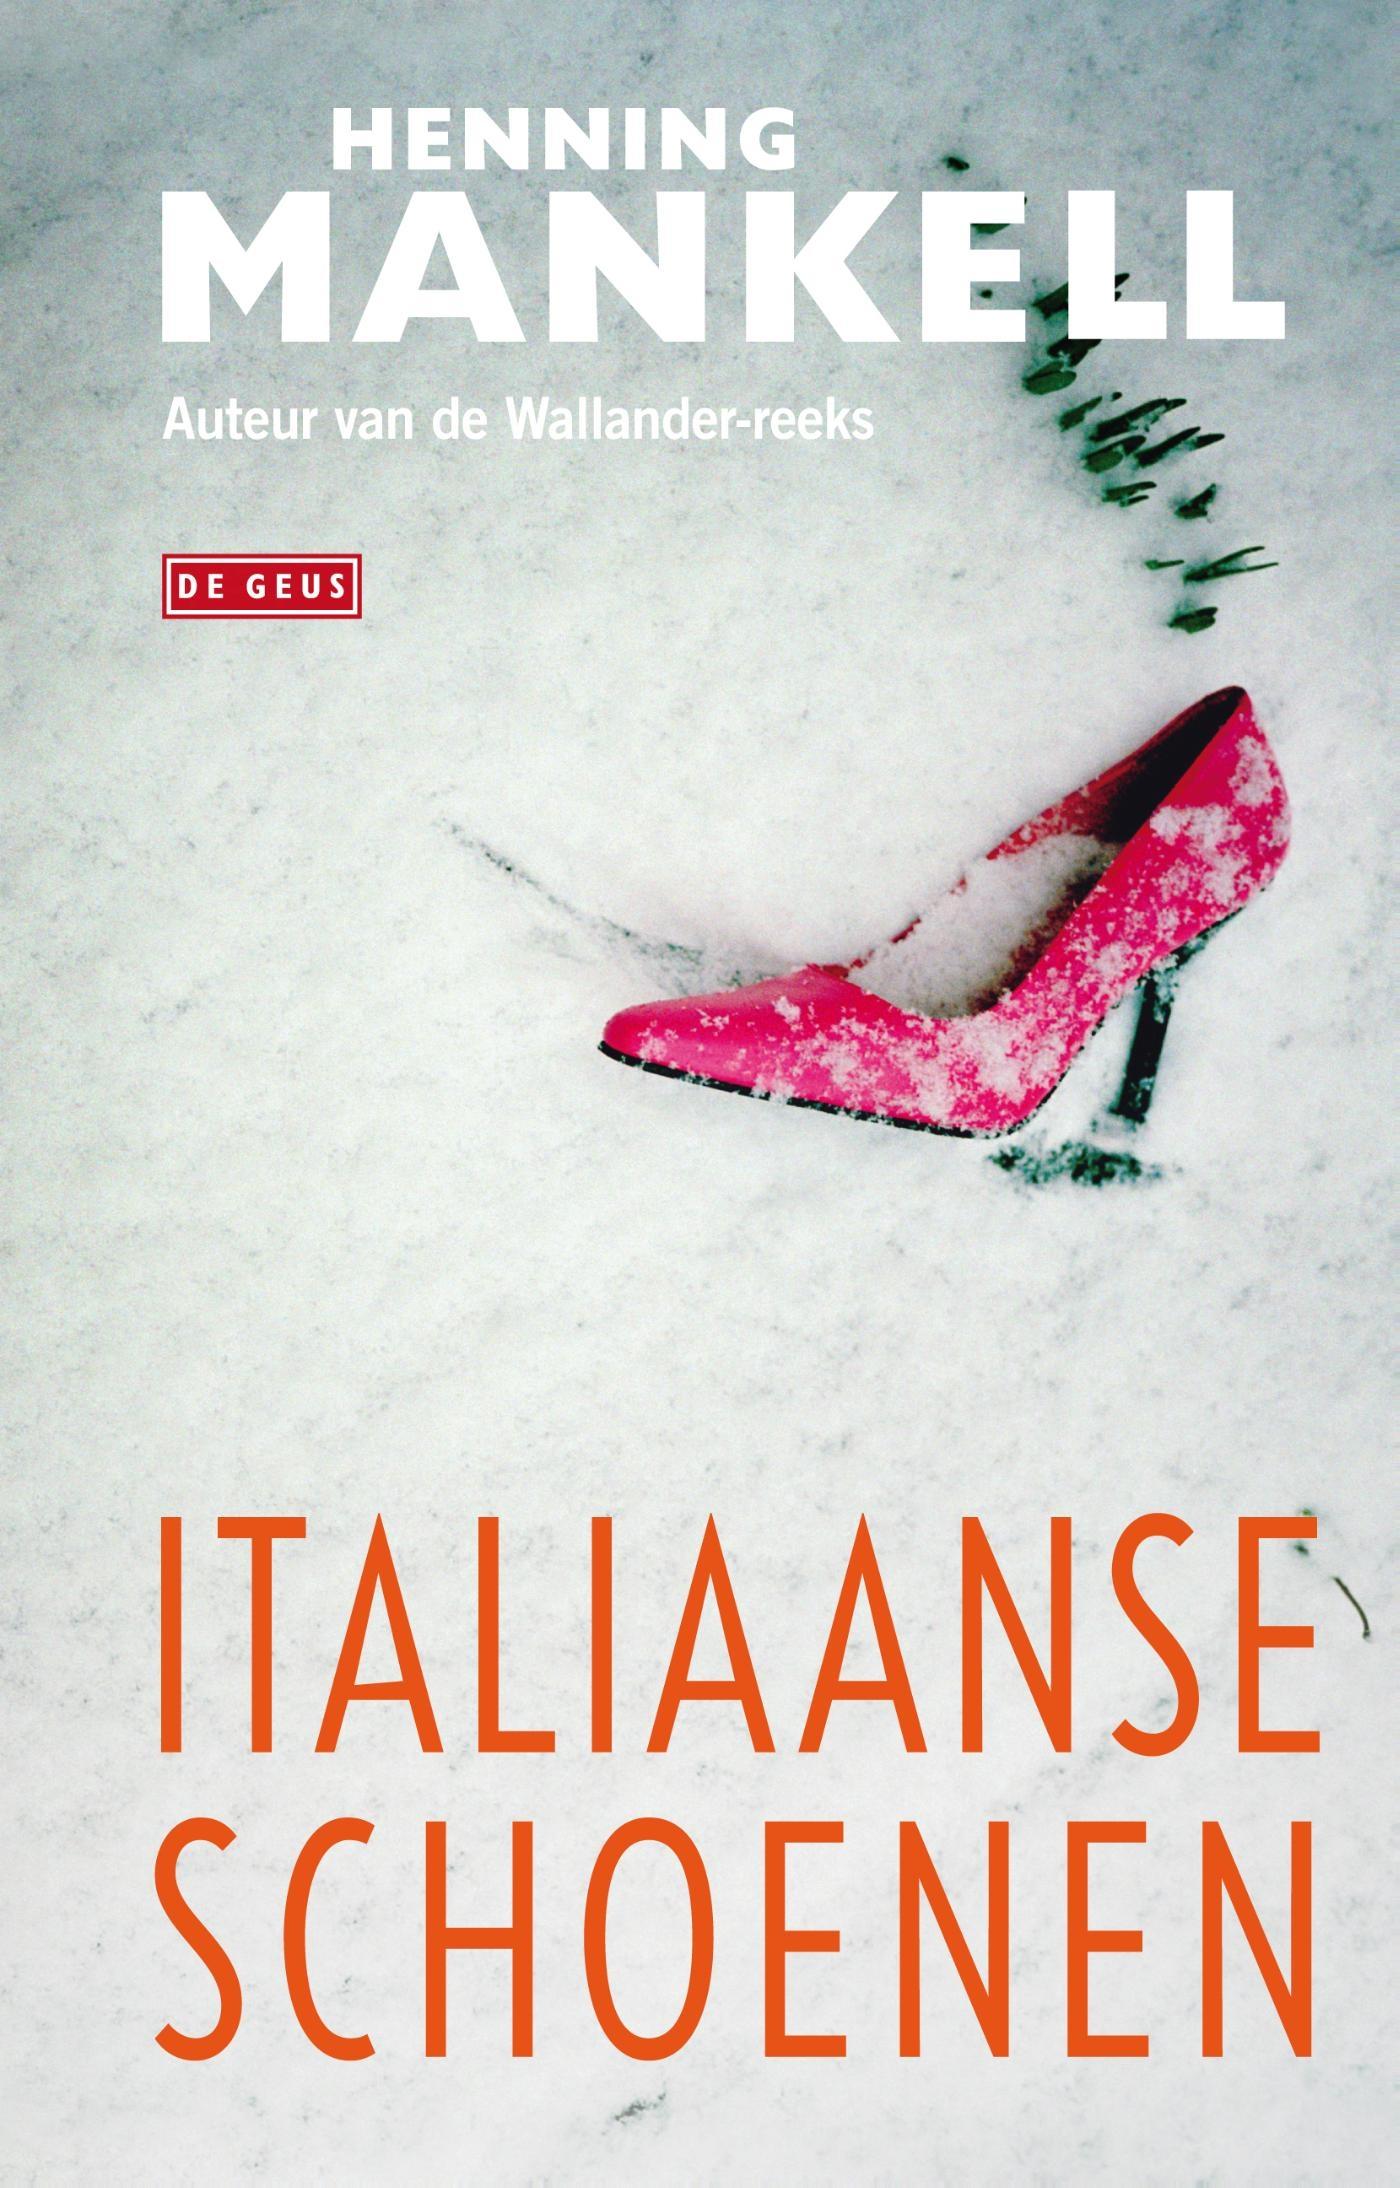 Italiaanse schoenen - boekrecensie